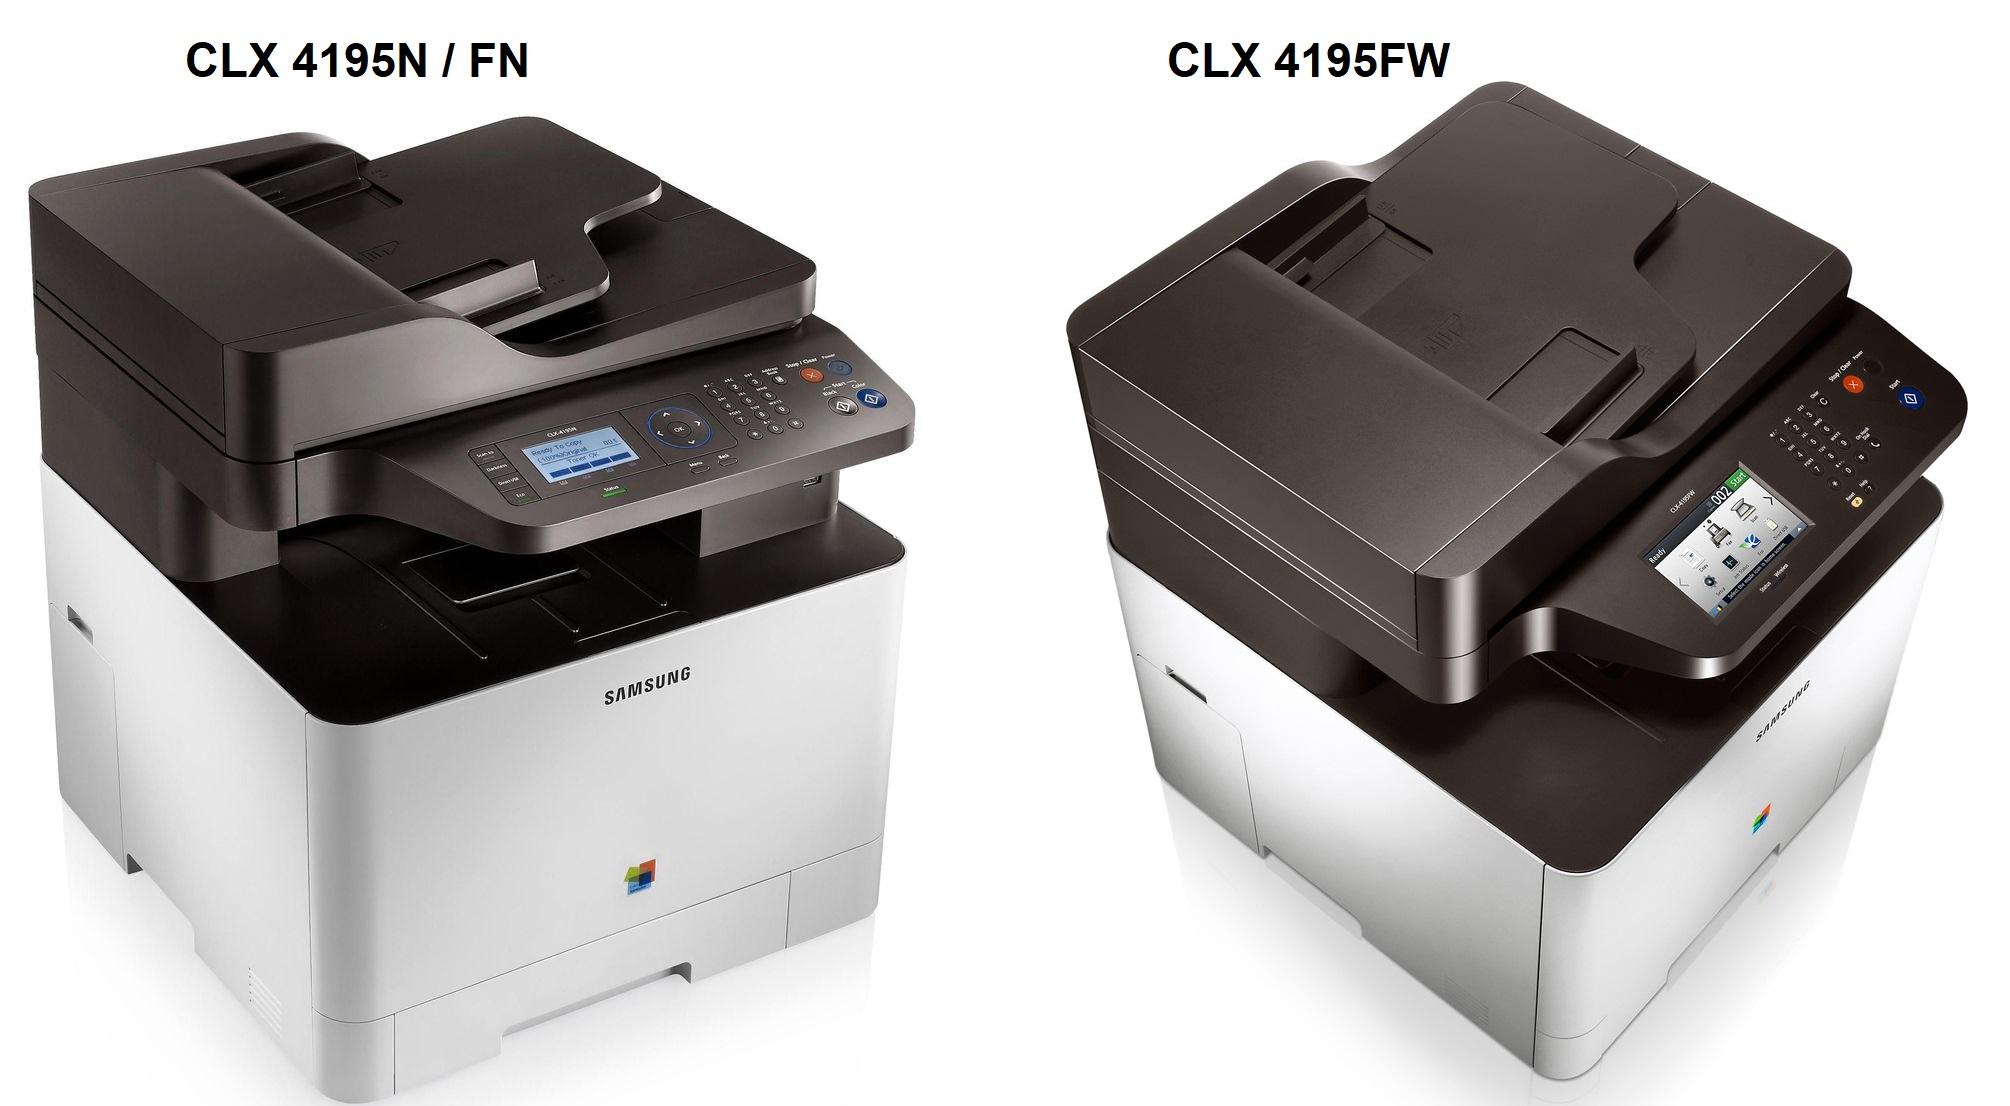 Usbprns3 printer reset Free Download